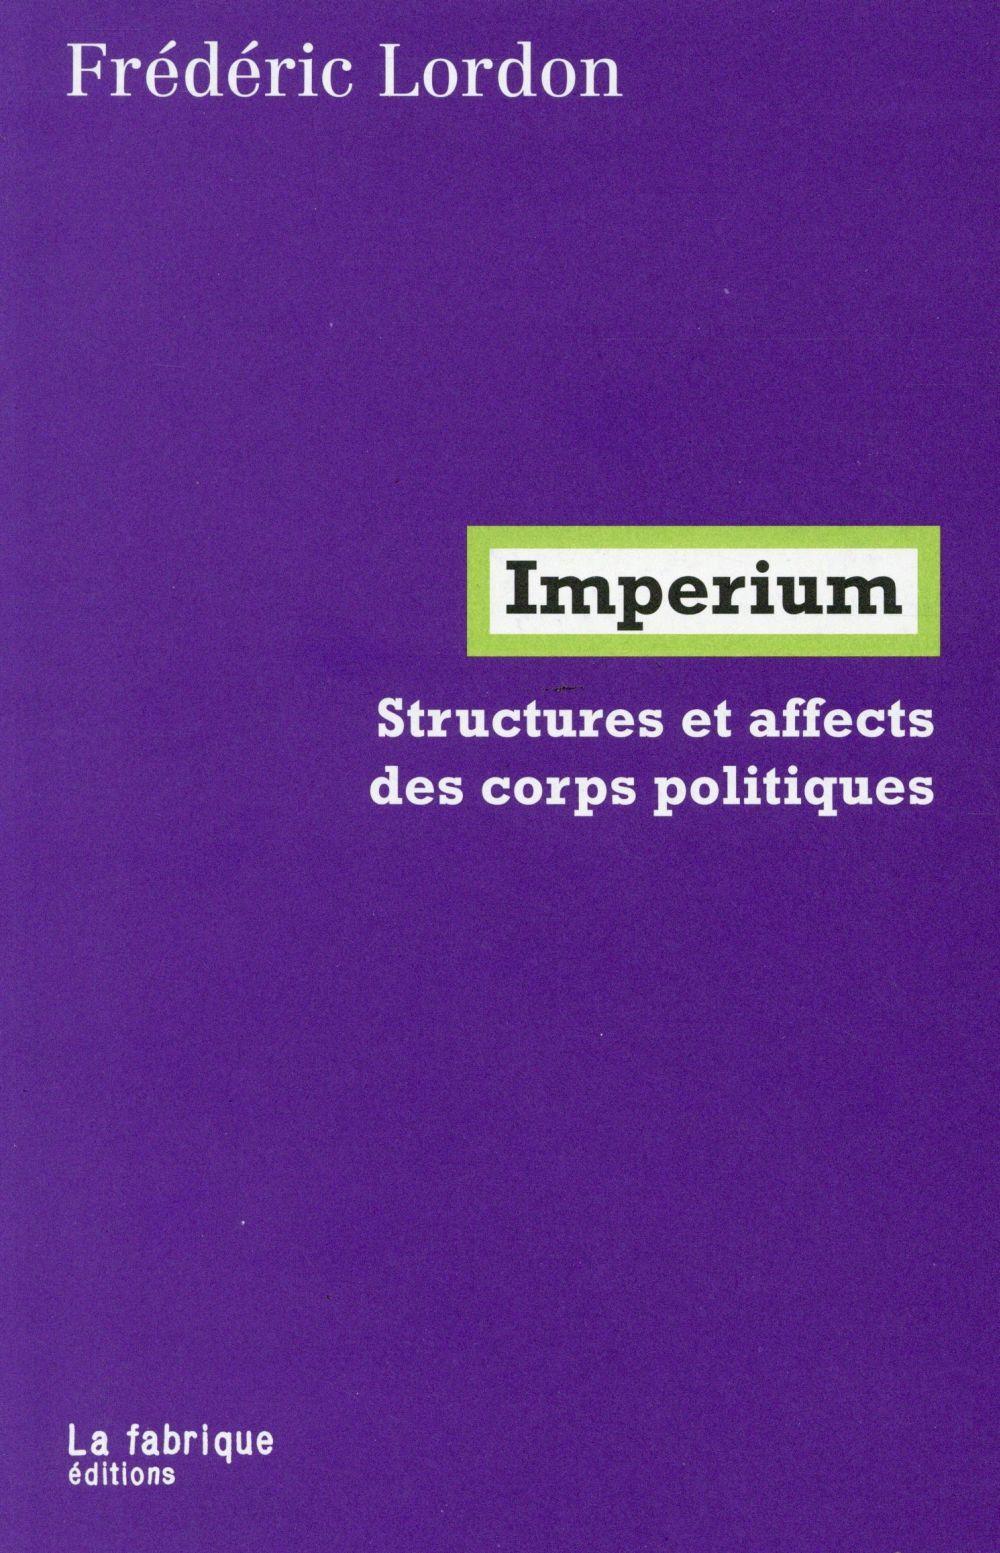 RECENSIONS CRITIQUES D'IMPERIUM DE FRÉDERIC LORDON